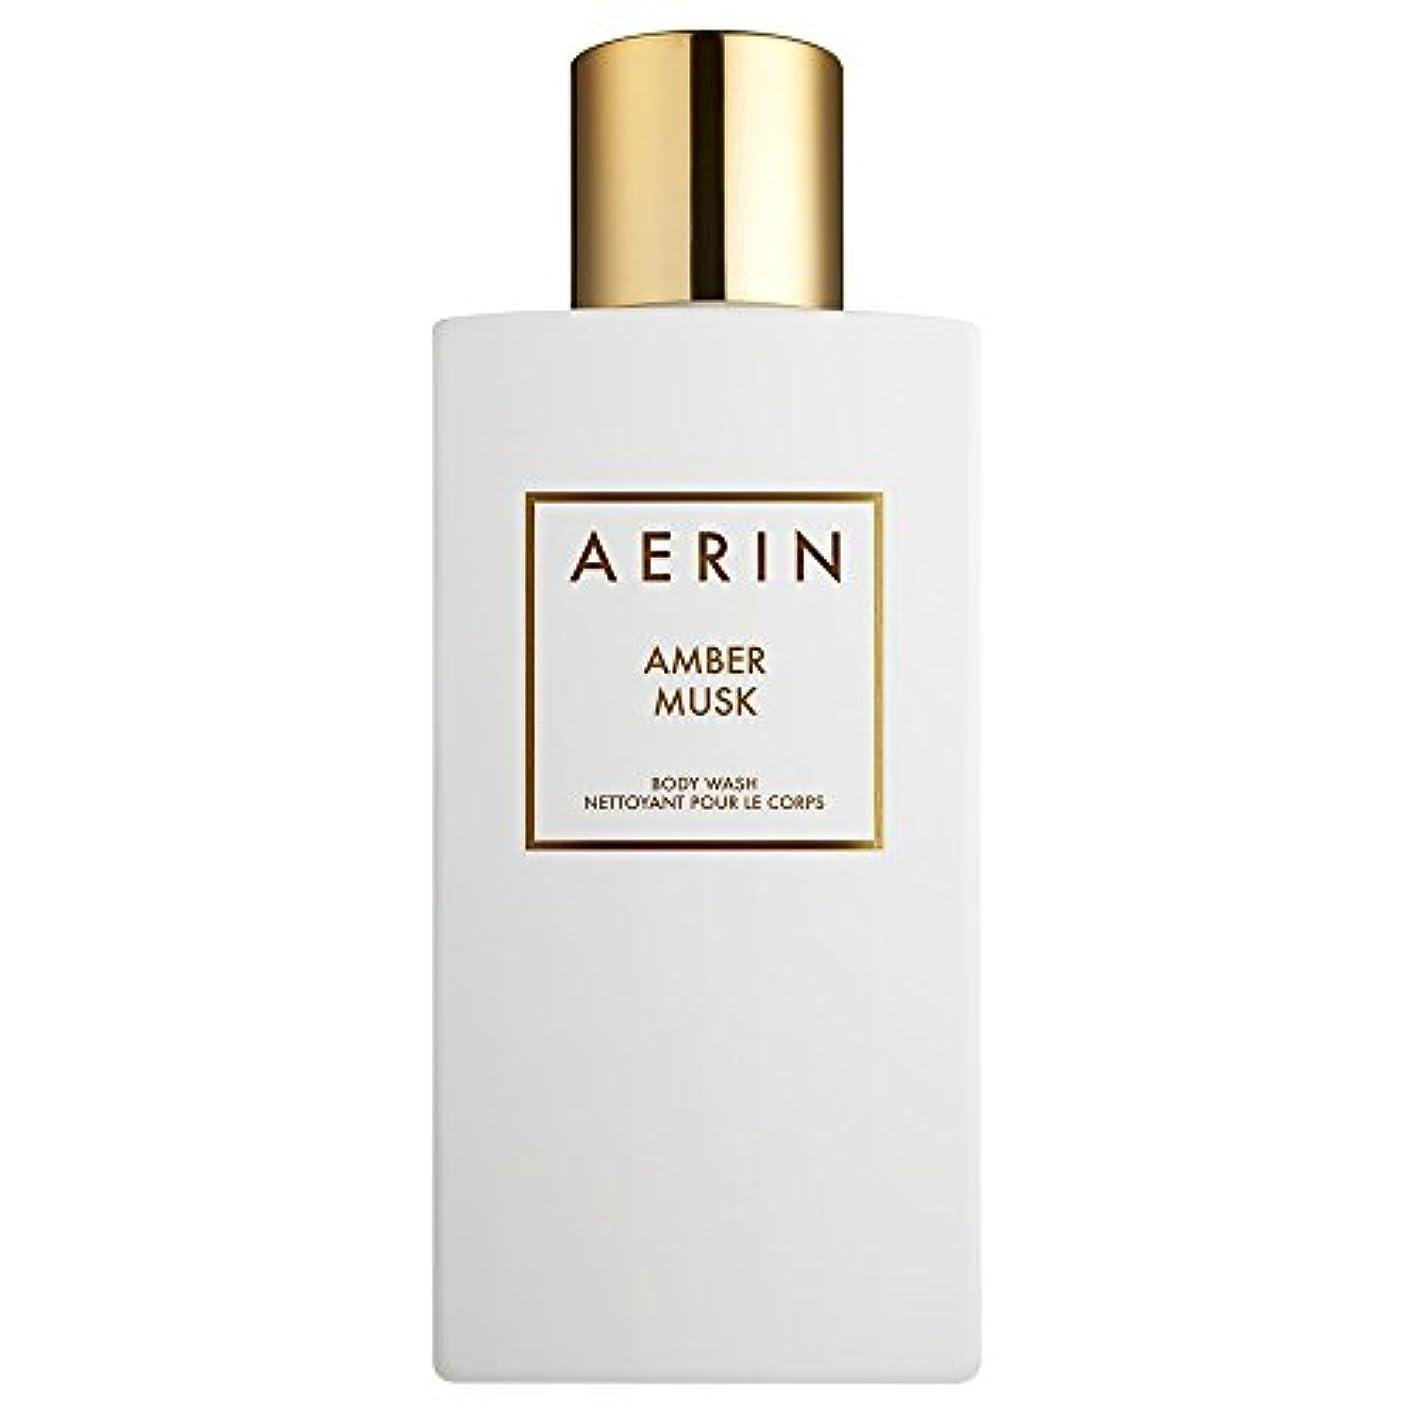 スコットランド人慣らす論理的Aerinアンバームスクボディウォッシュ225ミリリットル (AERIN) (x2) - AERIN Amber Musk Bodywash 225ml (Pack of 2) [並行輸入品]